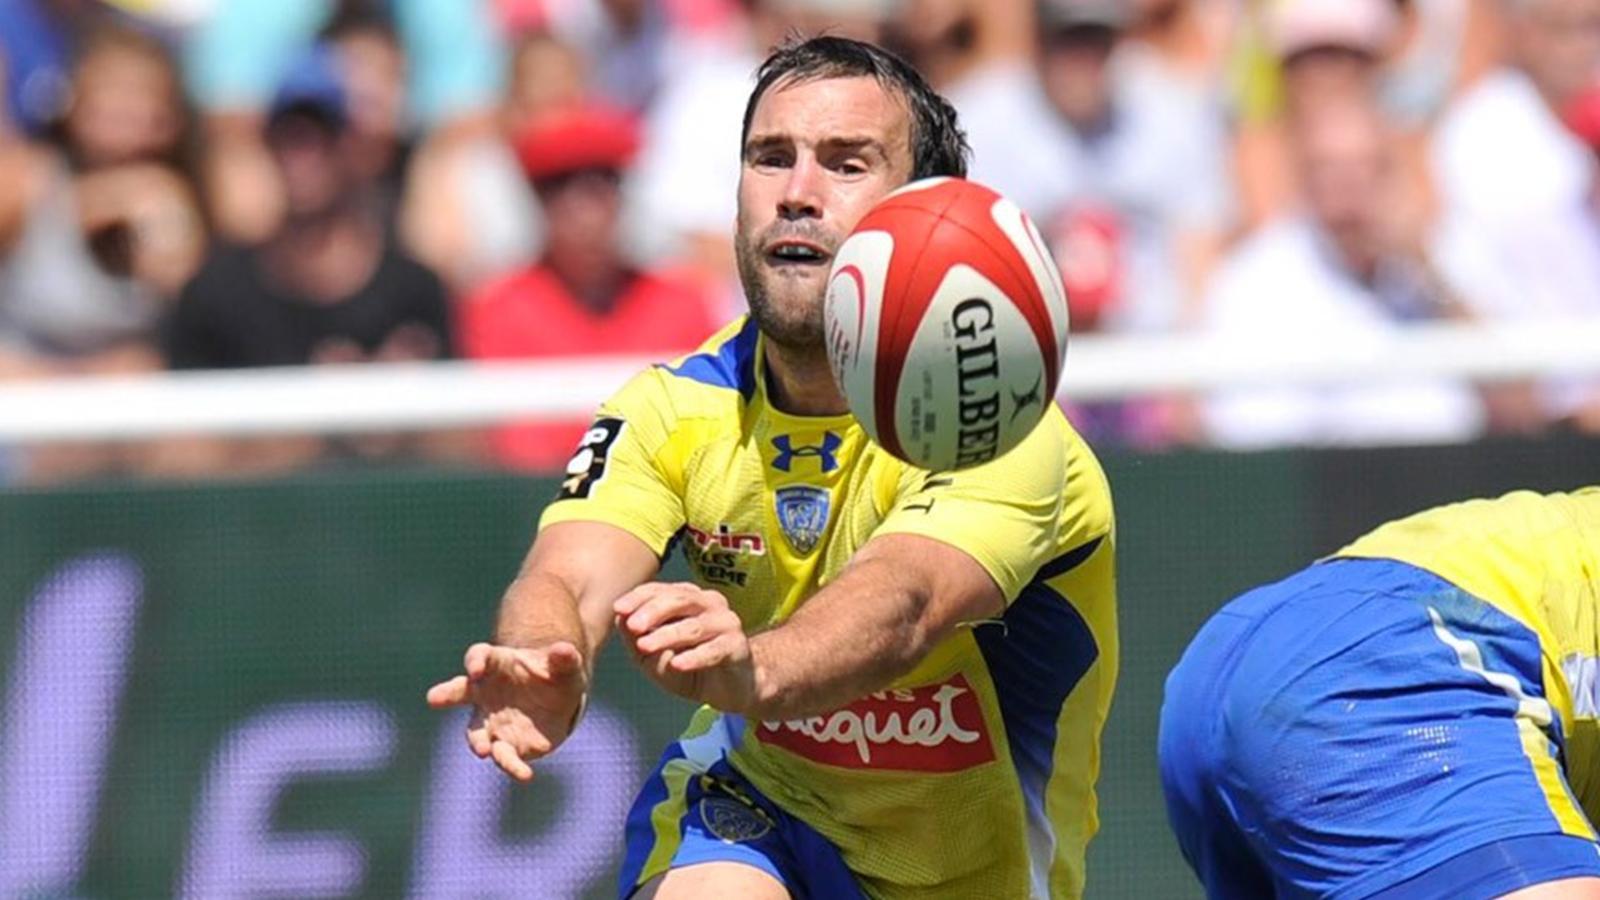 Morgan Parra effectue une passe lors de la premiére journée du top 14 rugby